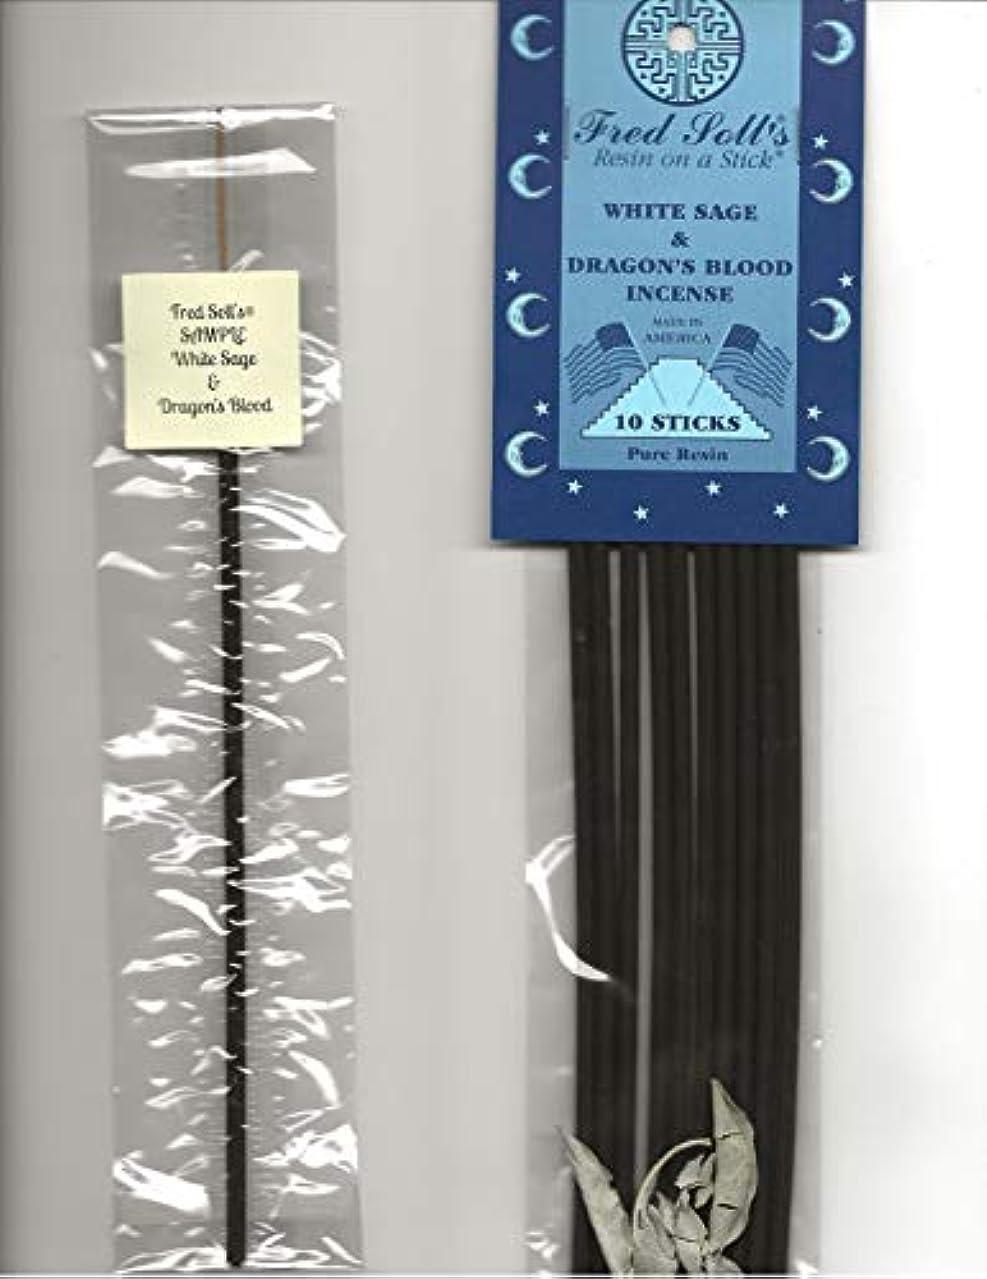 リゾートメイドFRED SOLL'S 樹脂製インクオンザスティックホワイトセージ&ドラゴンブラッドインセンス 1 STICK